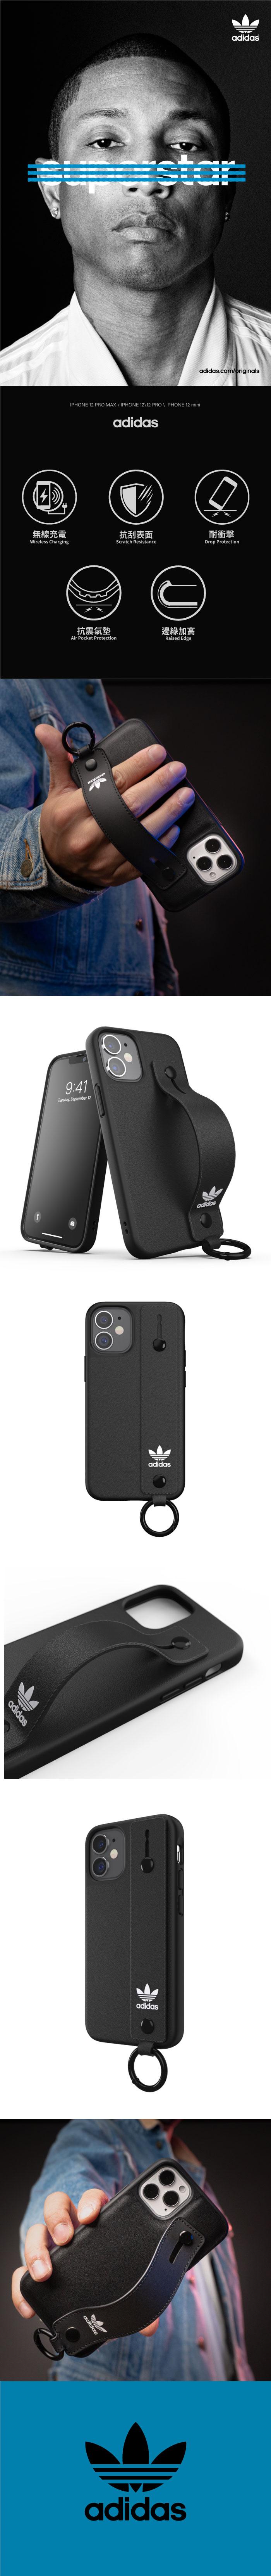 Adidas|iPhone 12 mini 手機殼 Originals 支架扣環